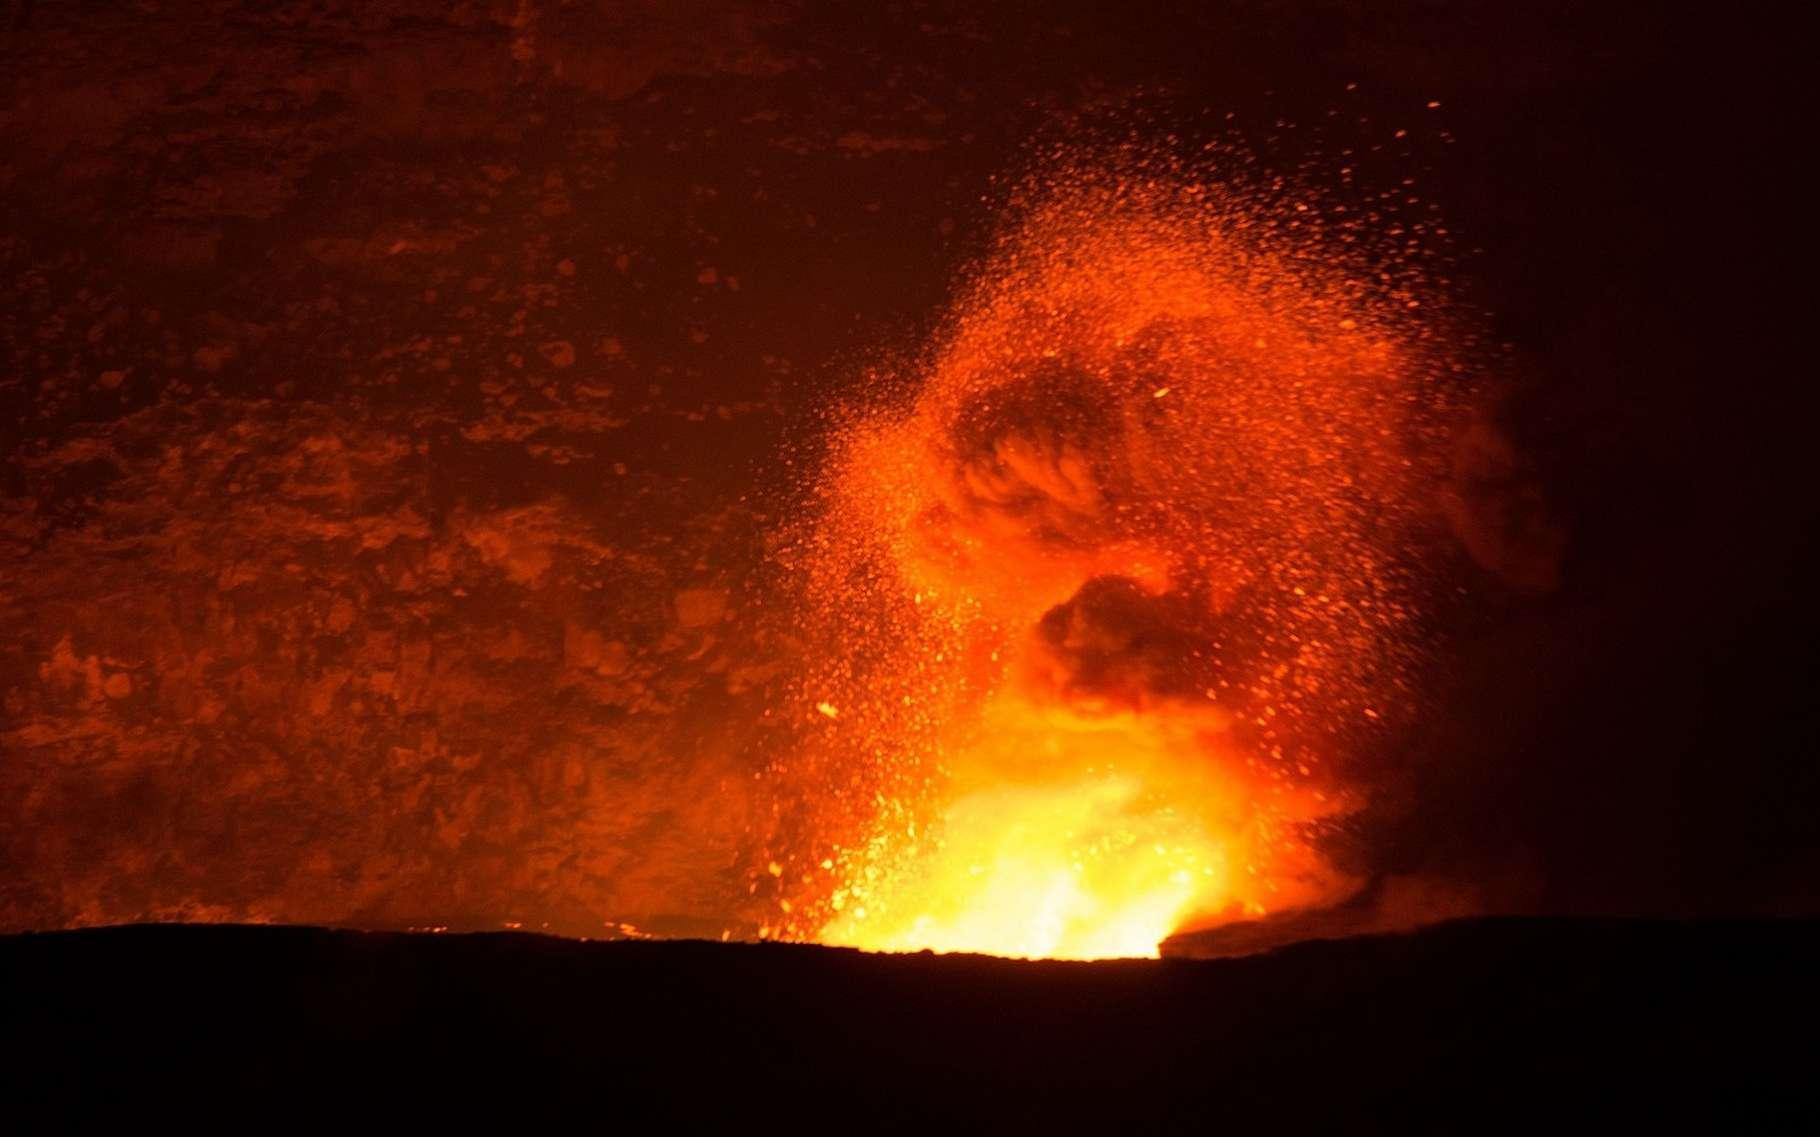 Des chercheurs ont découvert une centaine de volcans cachés sous l'Australie. © skeeze, Pixabay License